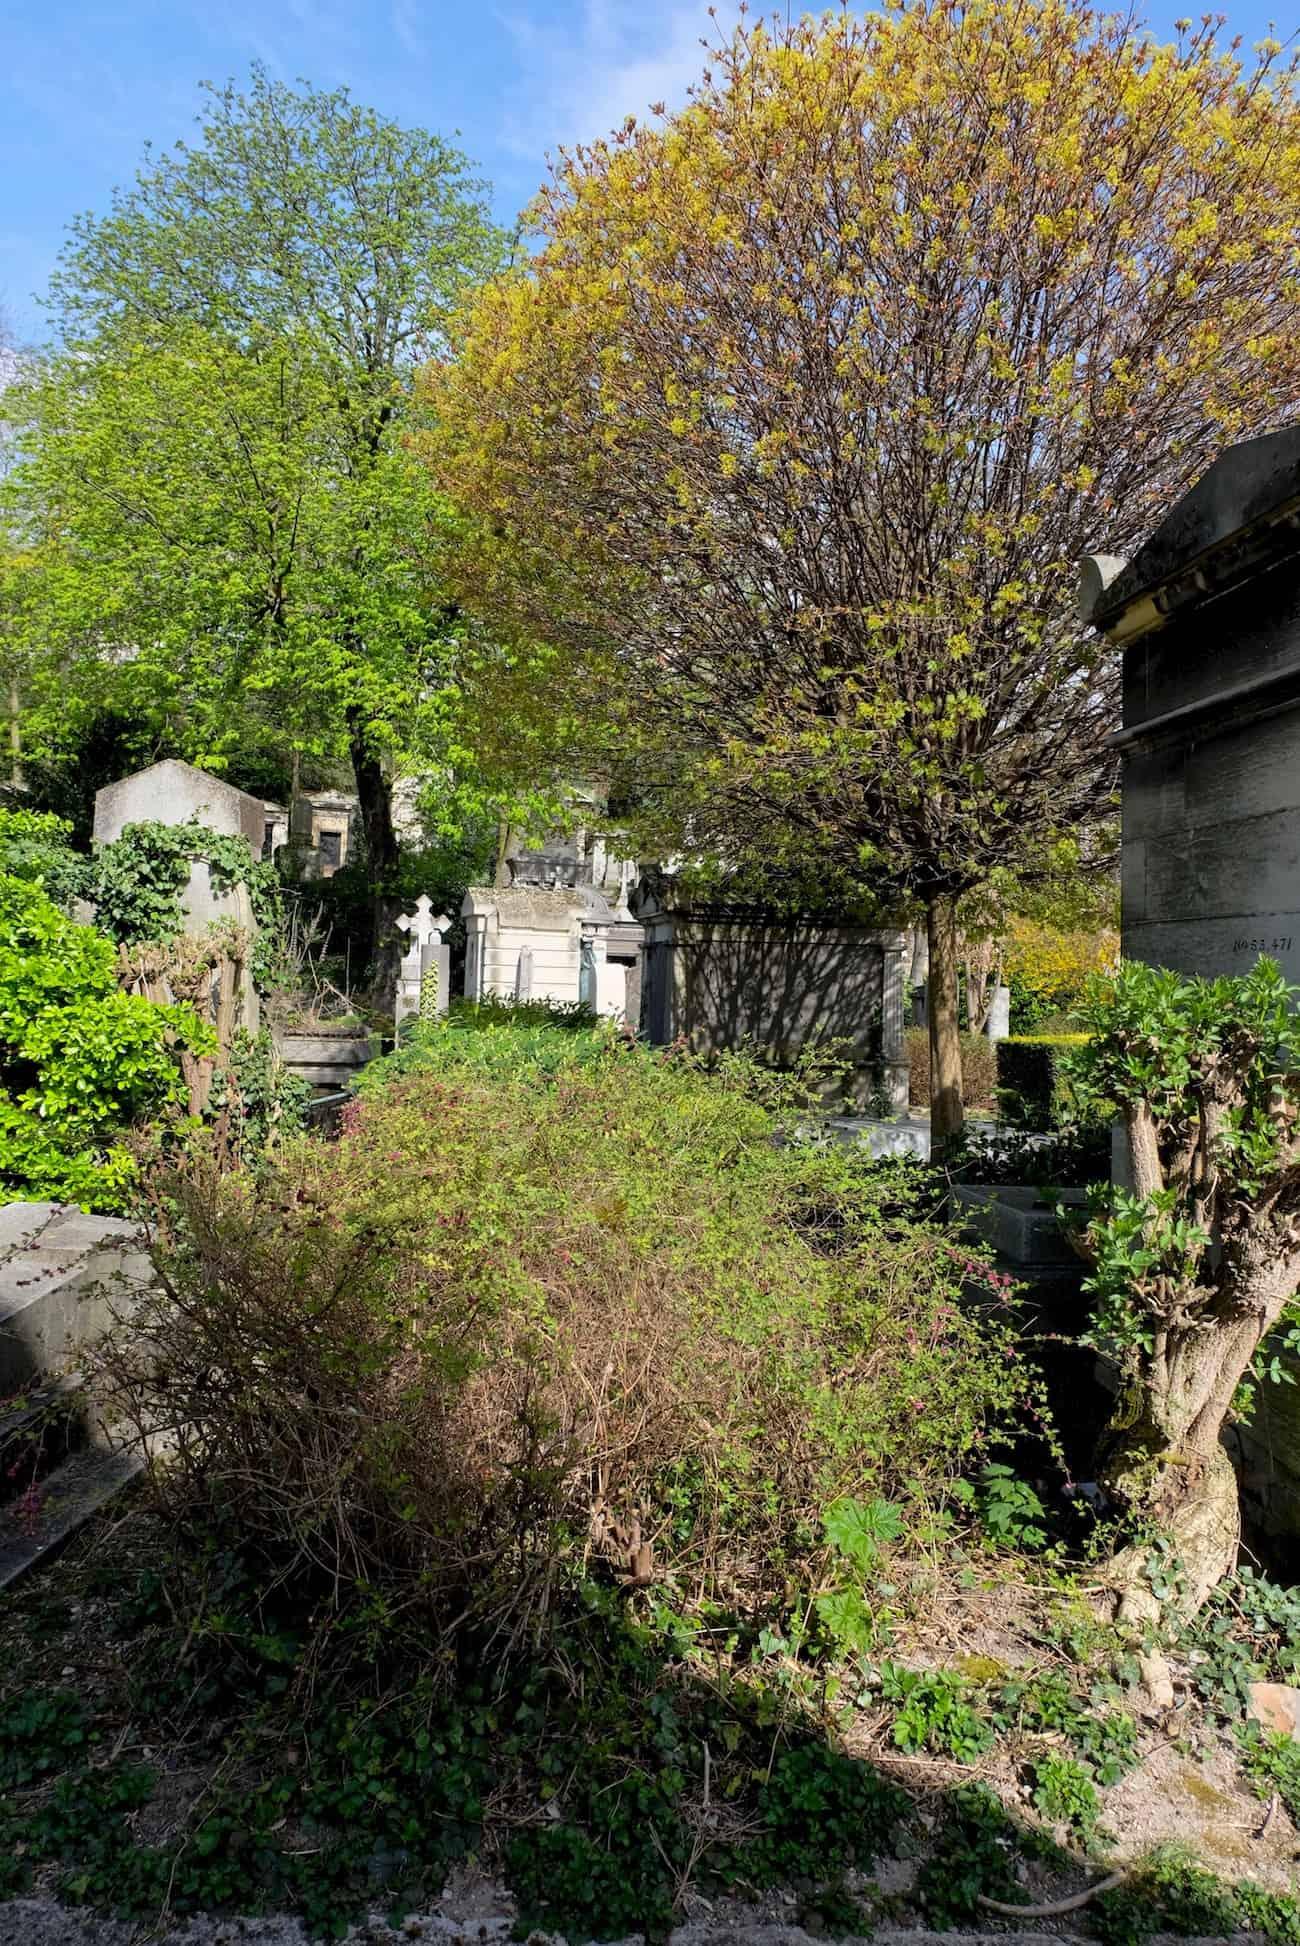 cimetière-pere-lachaise-visite-paris-20eme